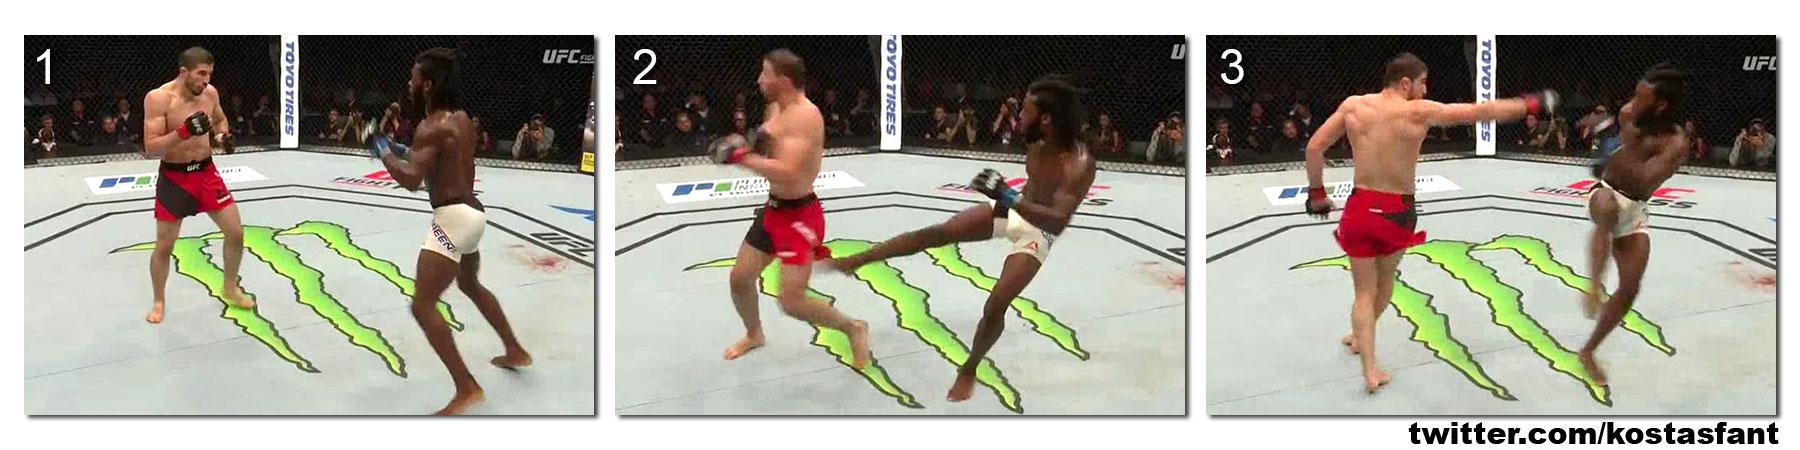 Rustam Khabilov vs. Desmond Green